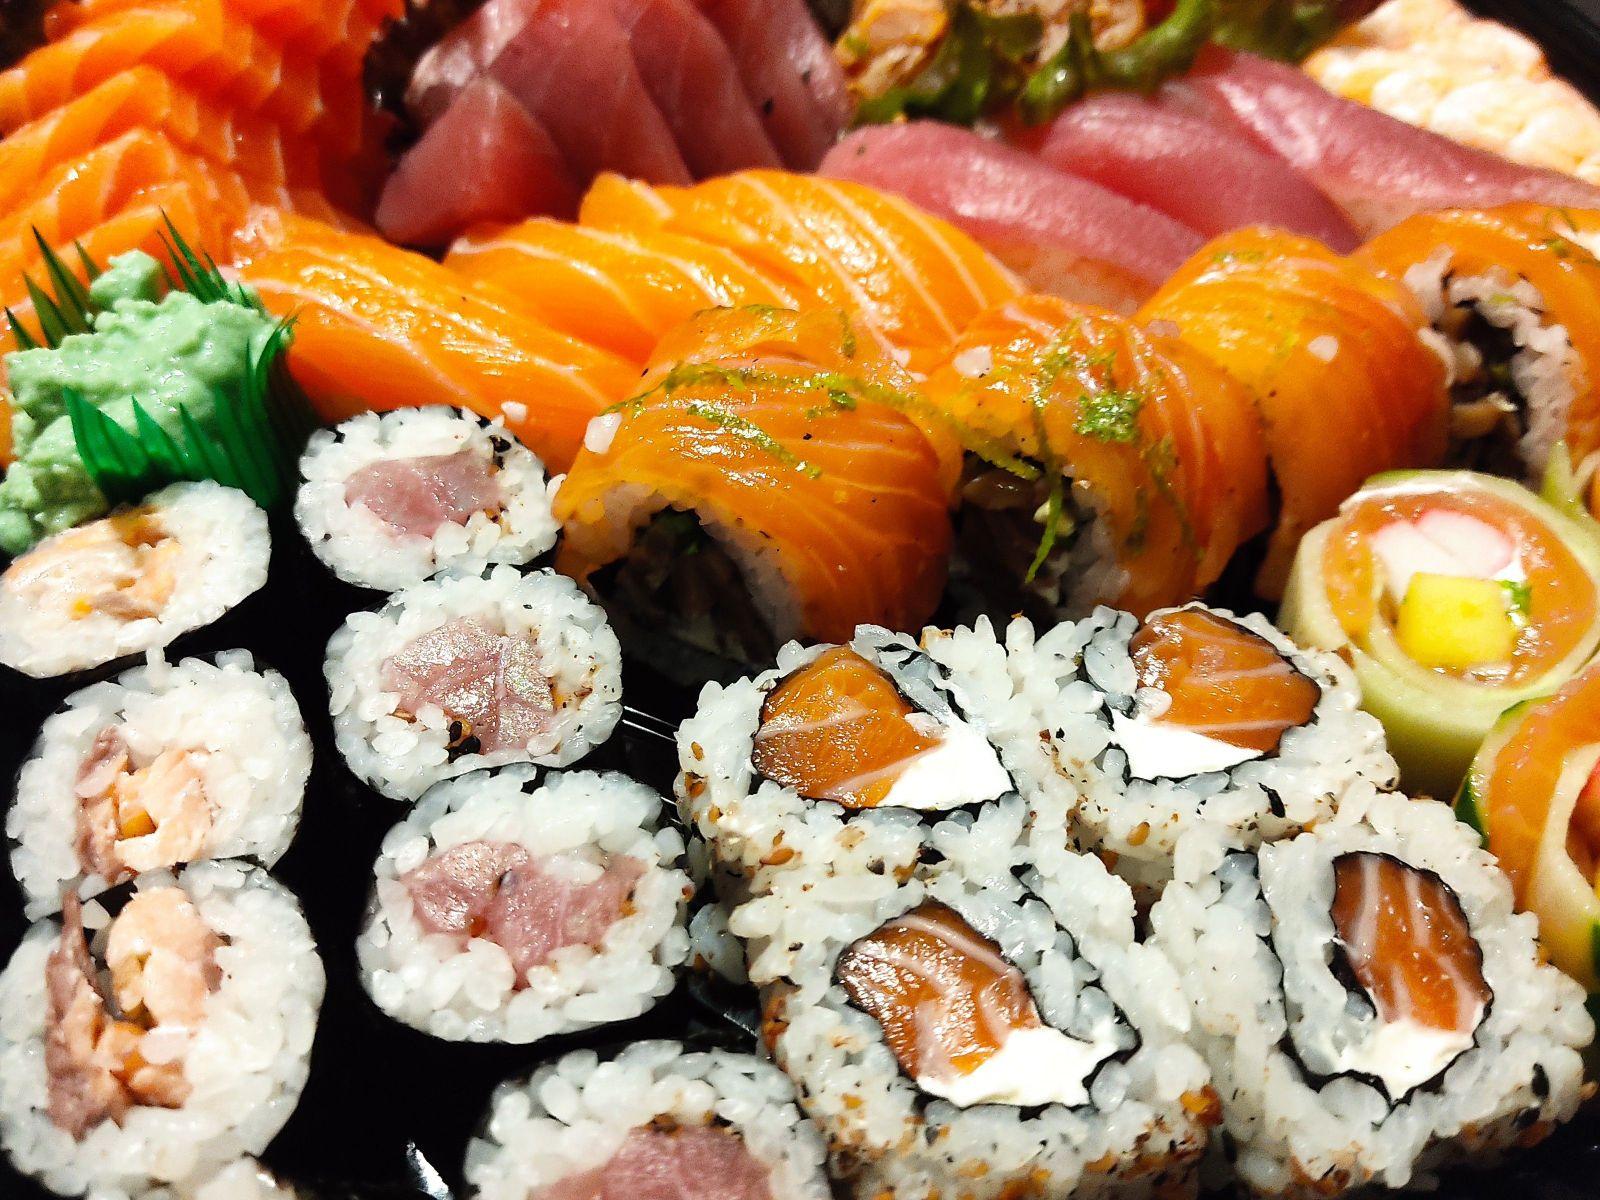 culinária japonesa, sashimi e sushi.